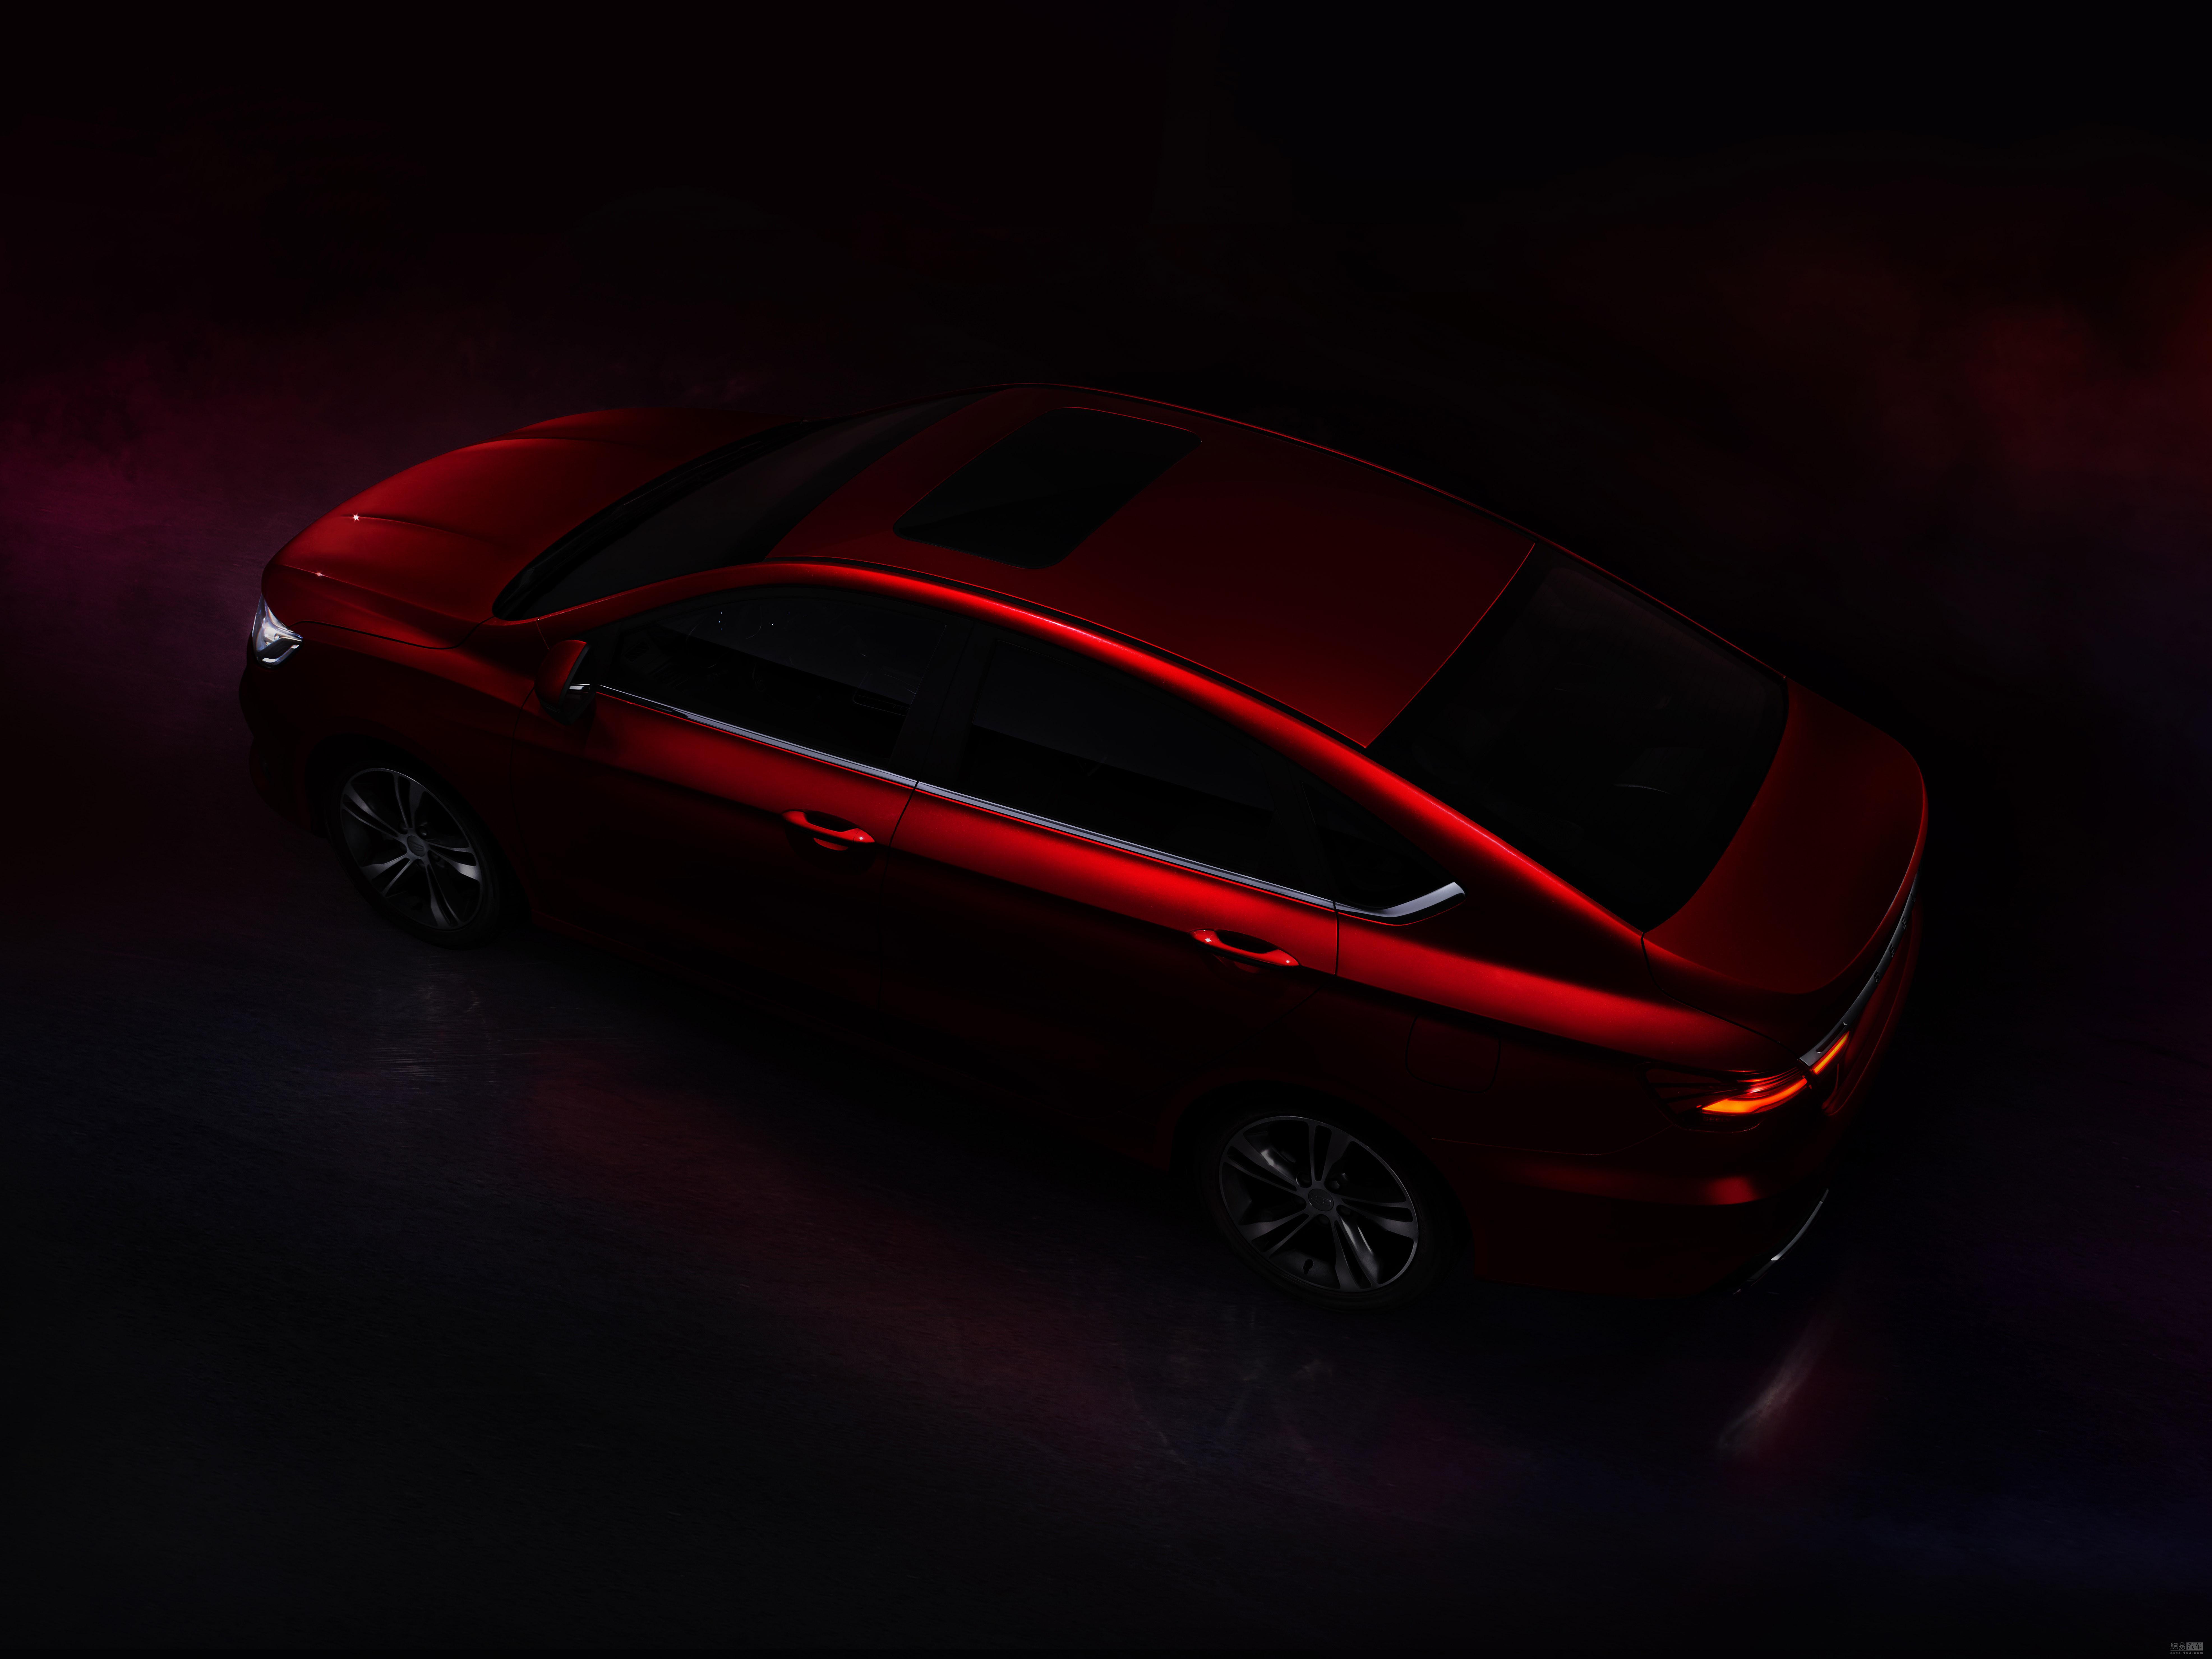 内部代号A06 吉利全新紧凑级轿跑车曝光